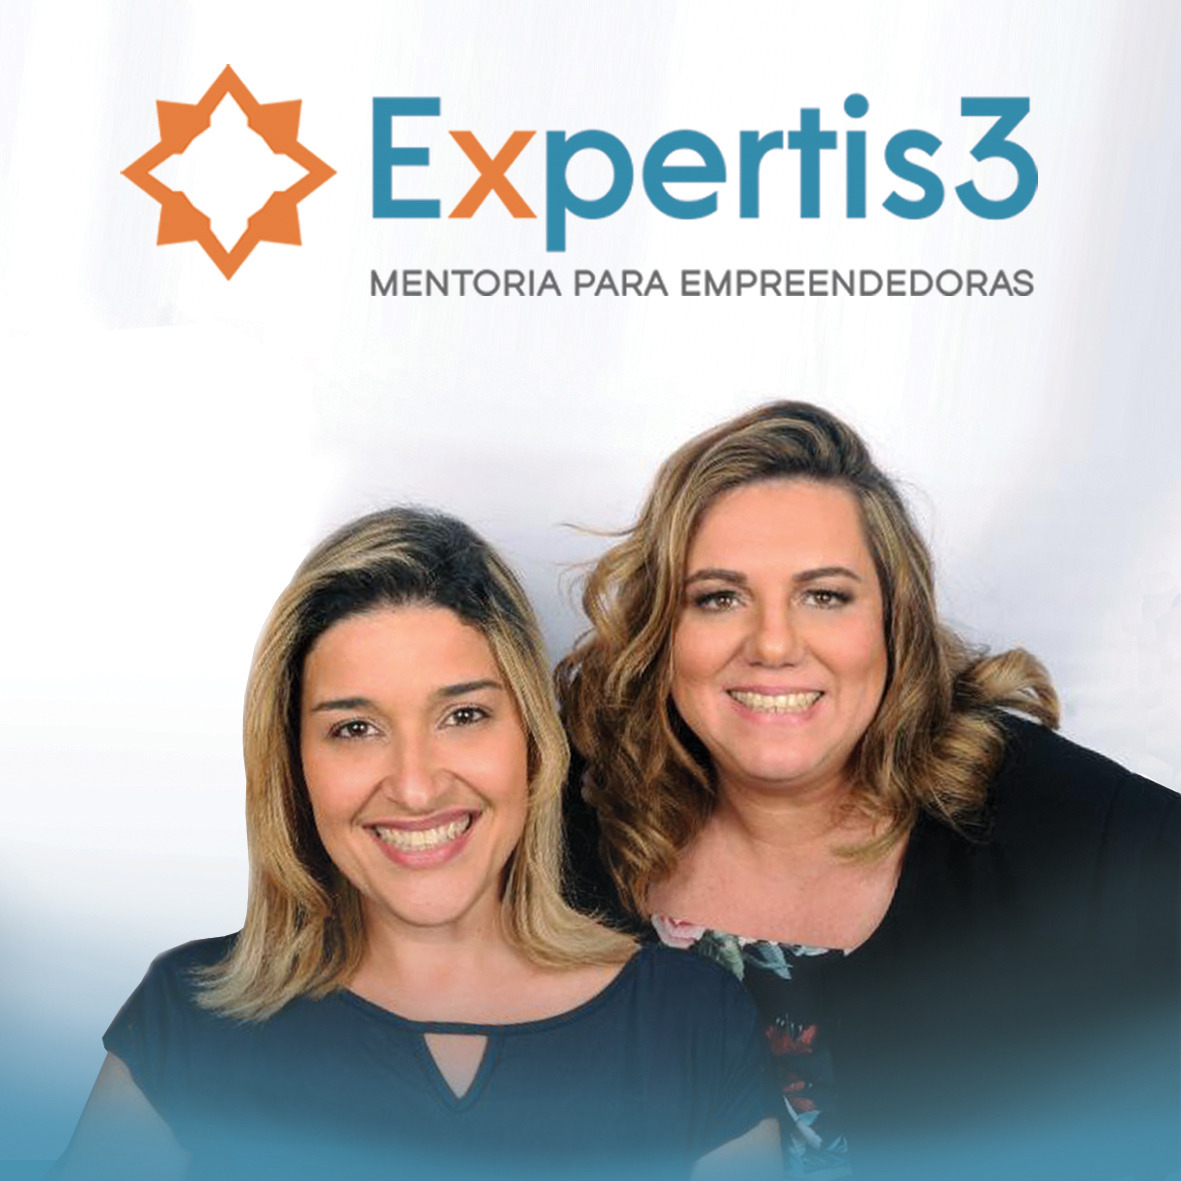 Priscyla Gouveia e Daniela Andrade, mentoras da Expertis3